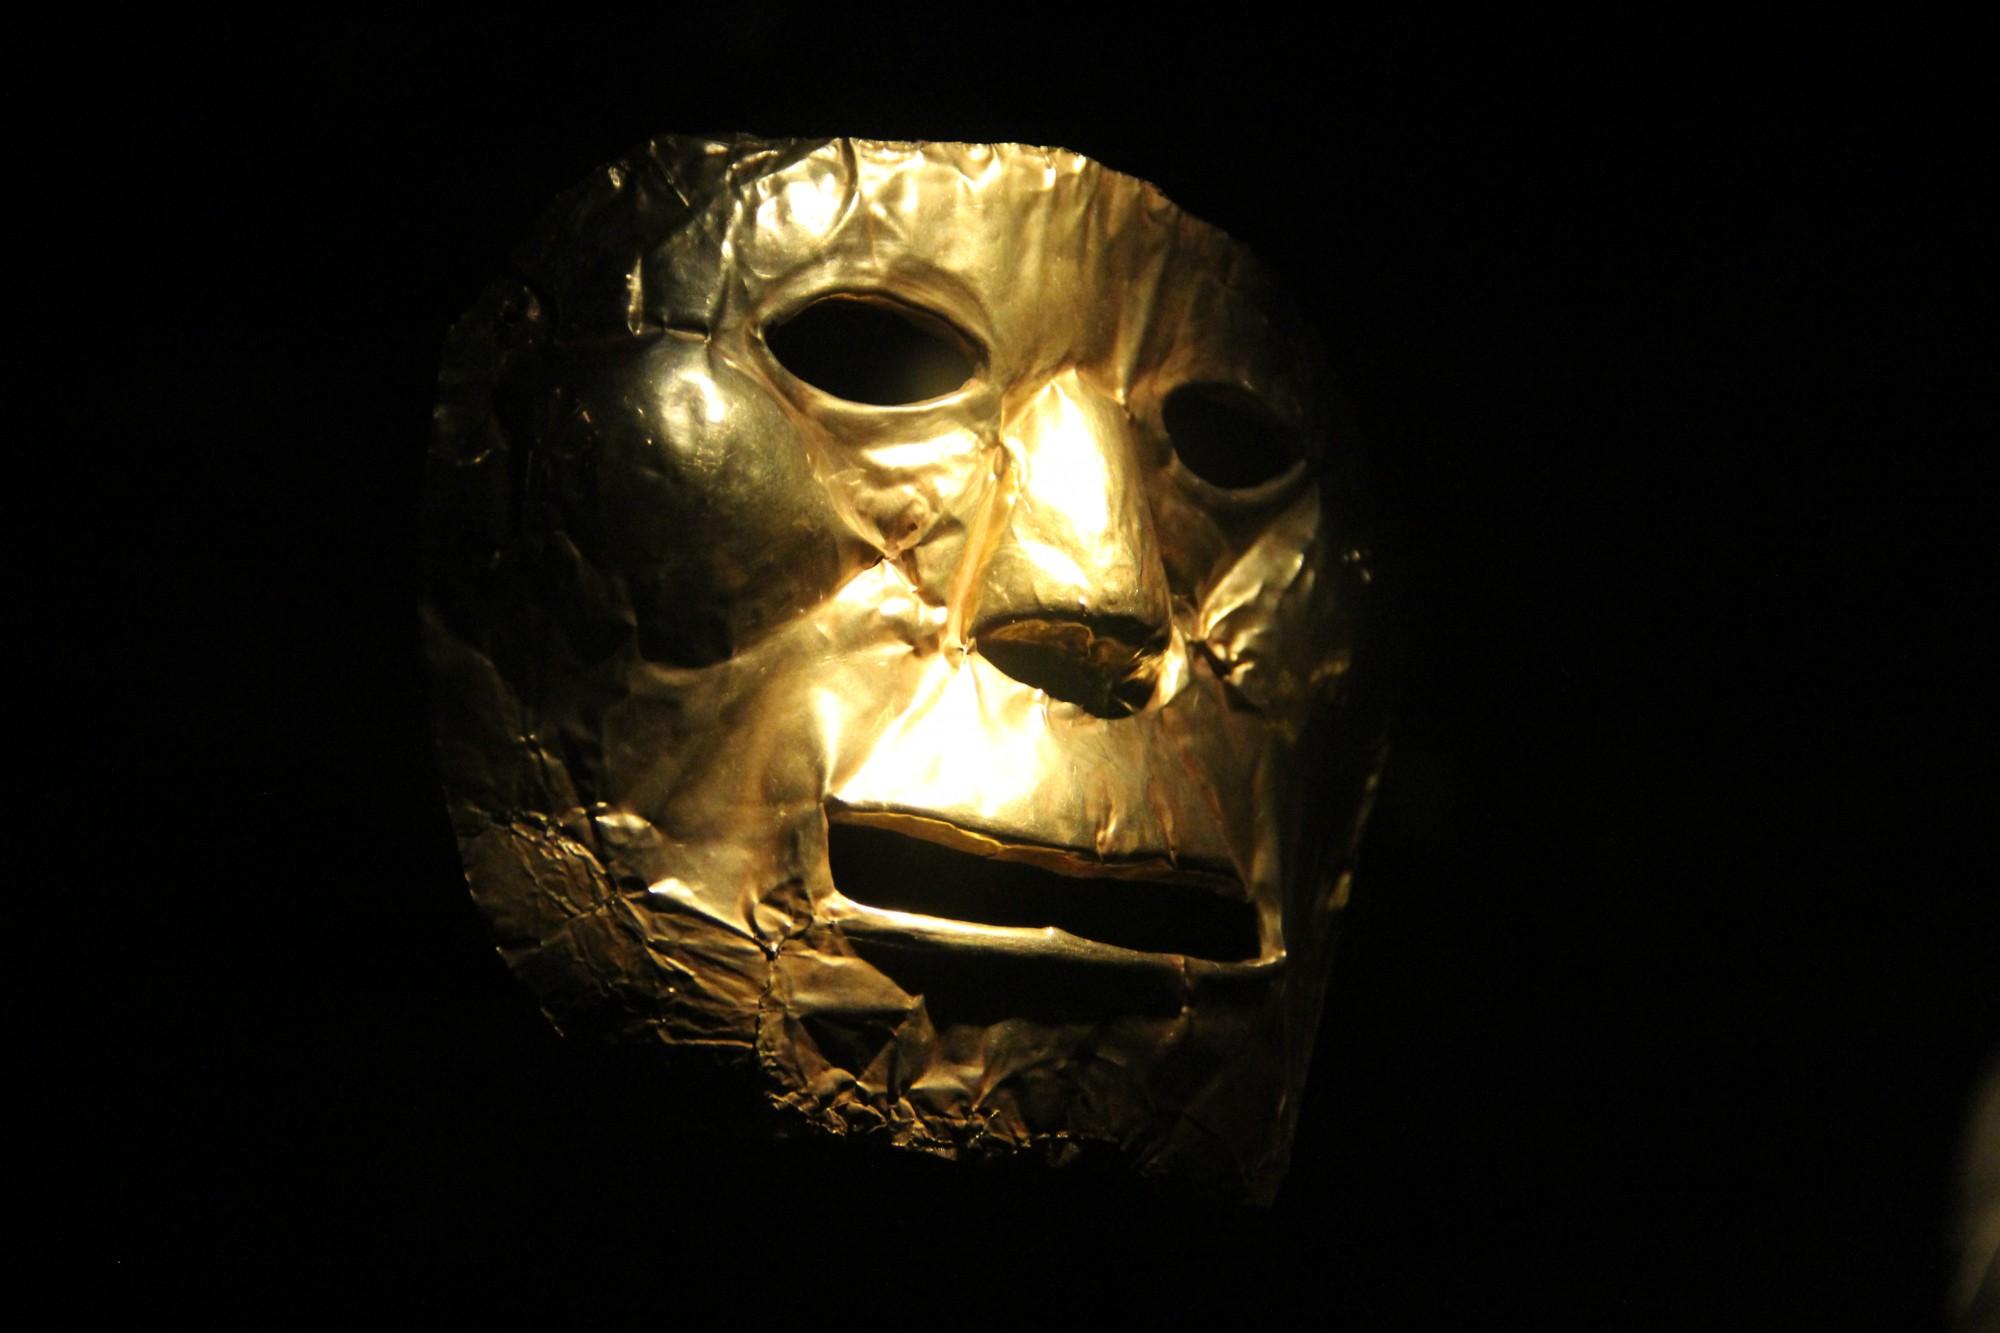 cités-dor-Colombie-Musée-de-lOR-UCPA-Bertrand-Manterola-e1434111834806